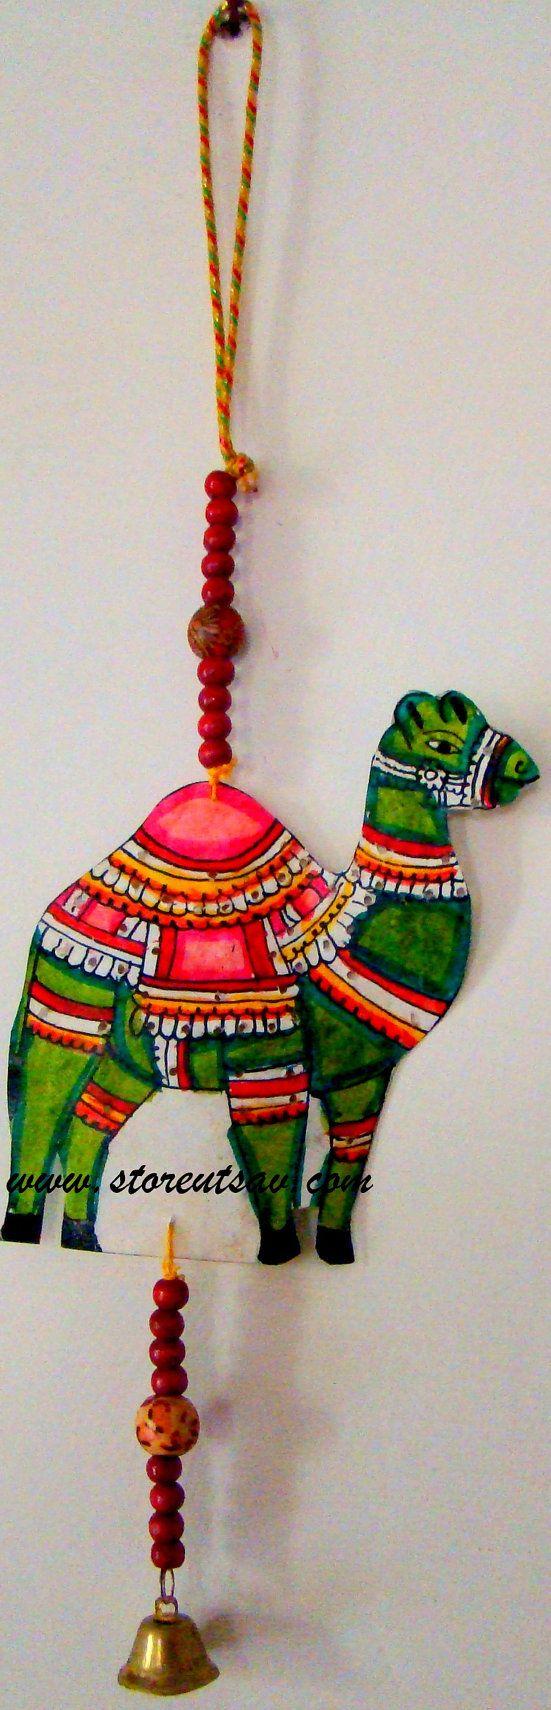 Door Hanging Ganesha Leather Painting Tholubommalata Home Decor